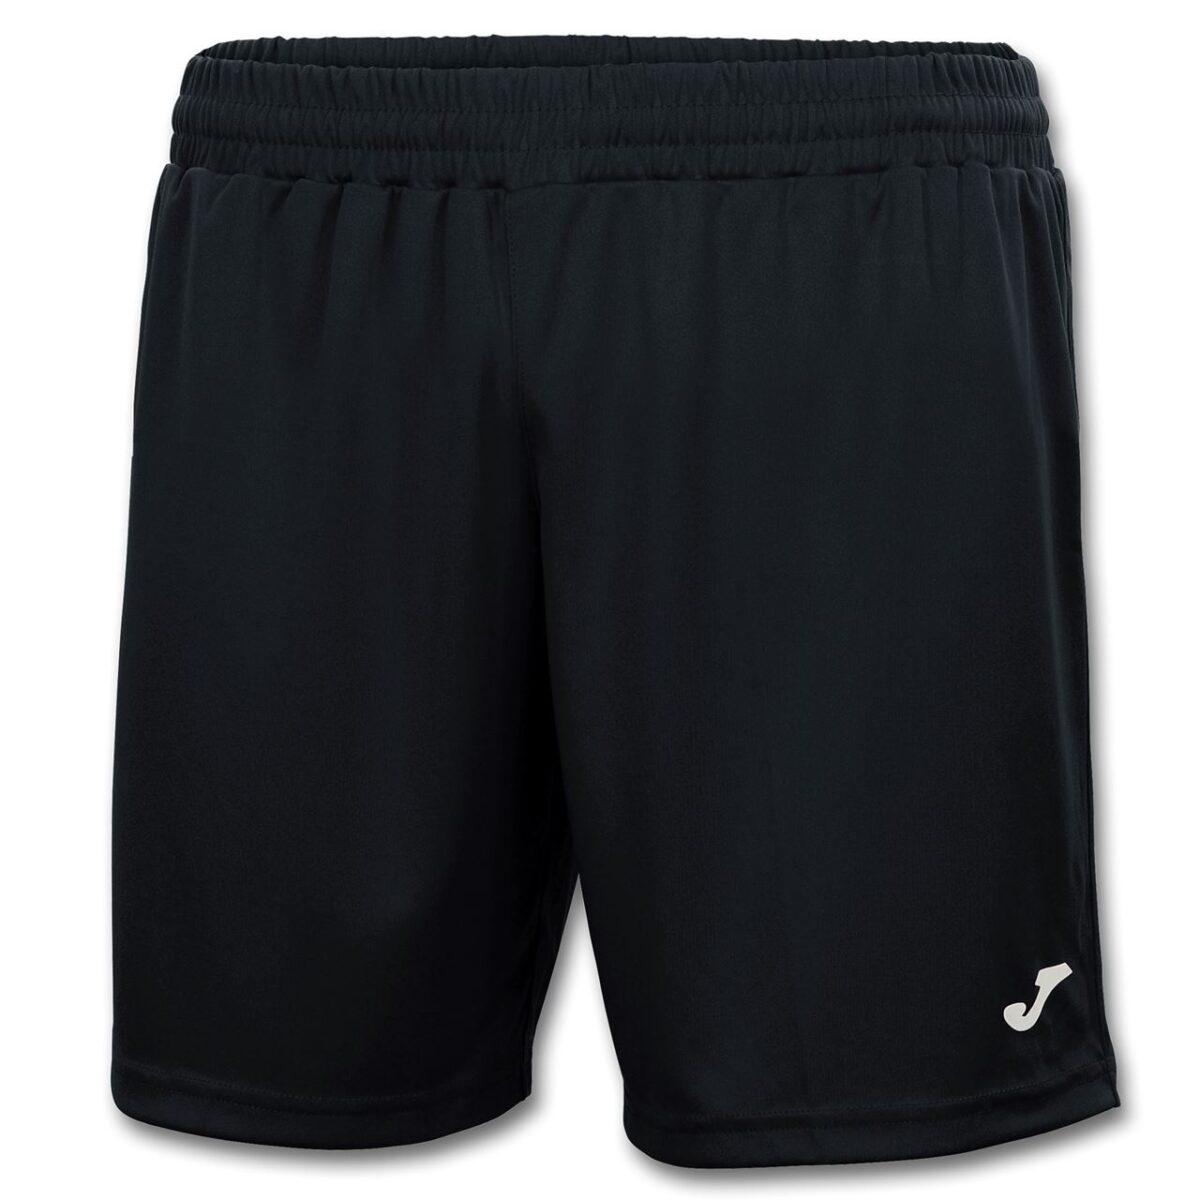 Joma Treviso Volleyball Shorts 100822 - Junior